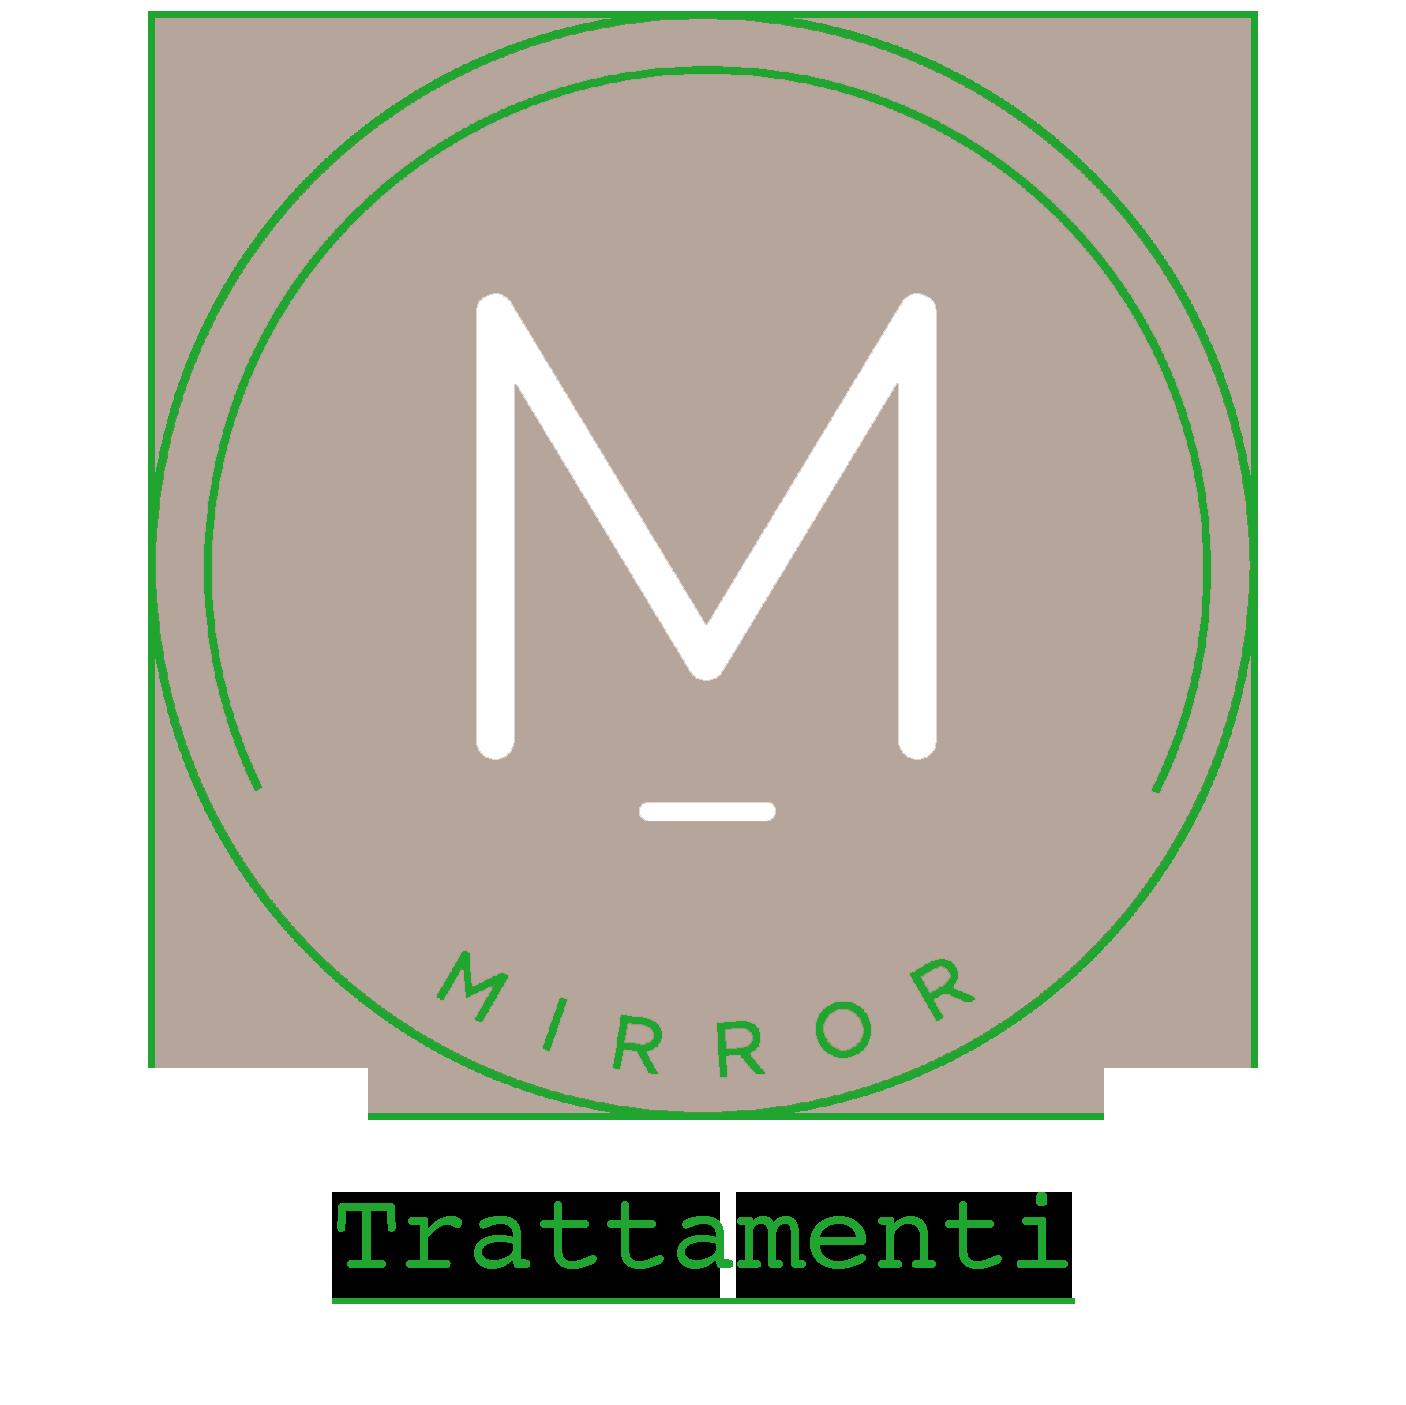 Logo mirror trattamenti sito web